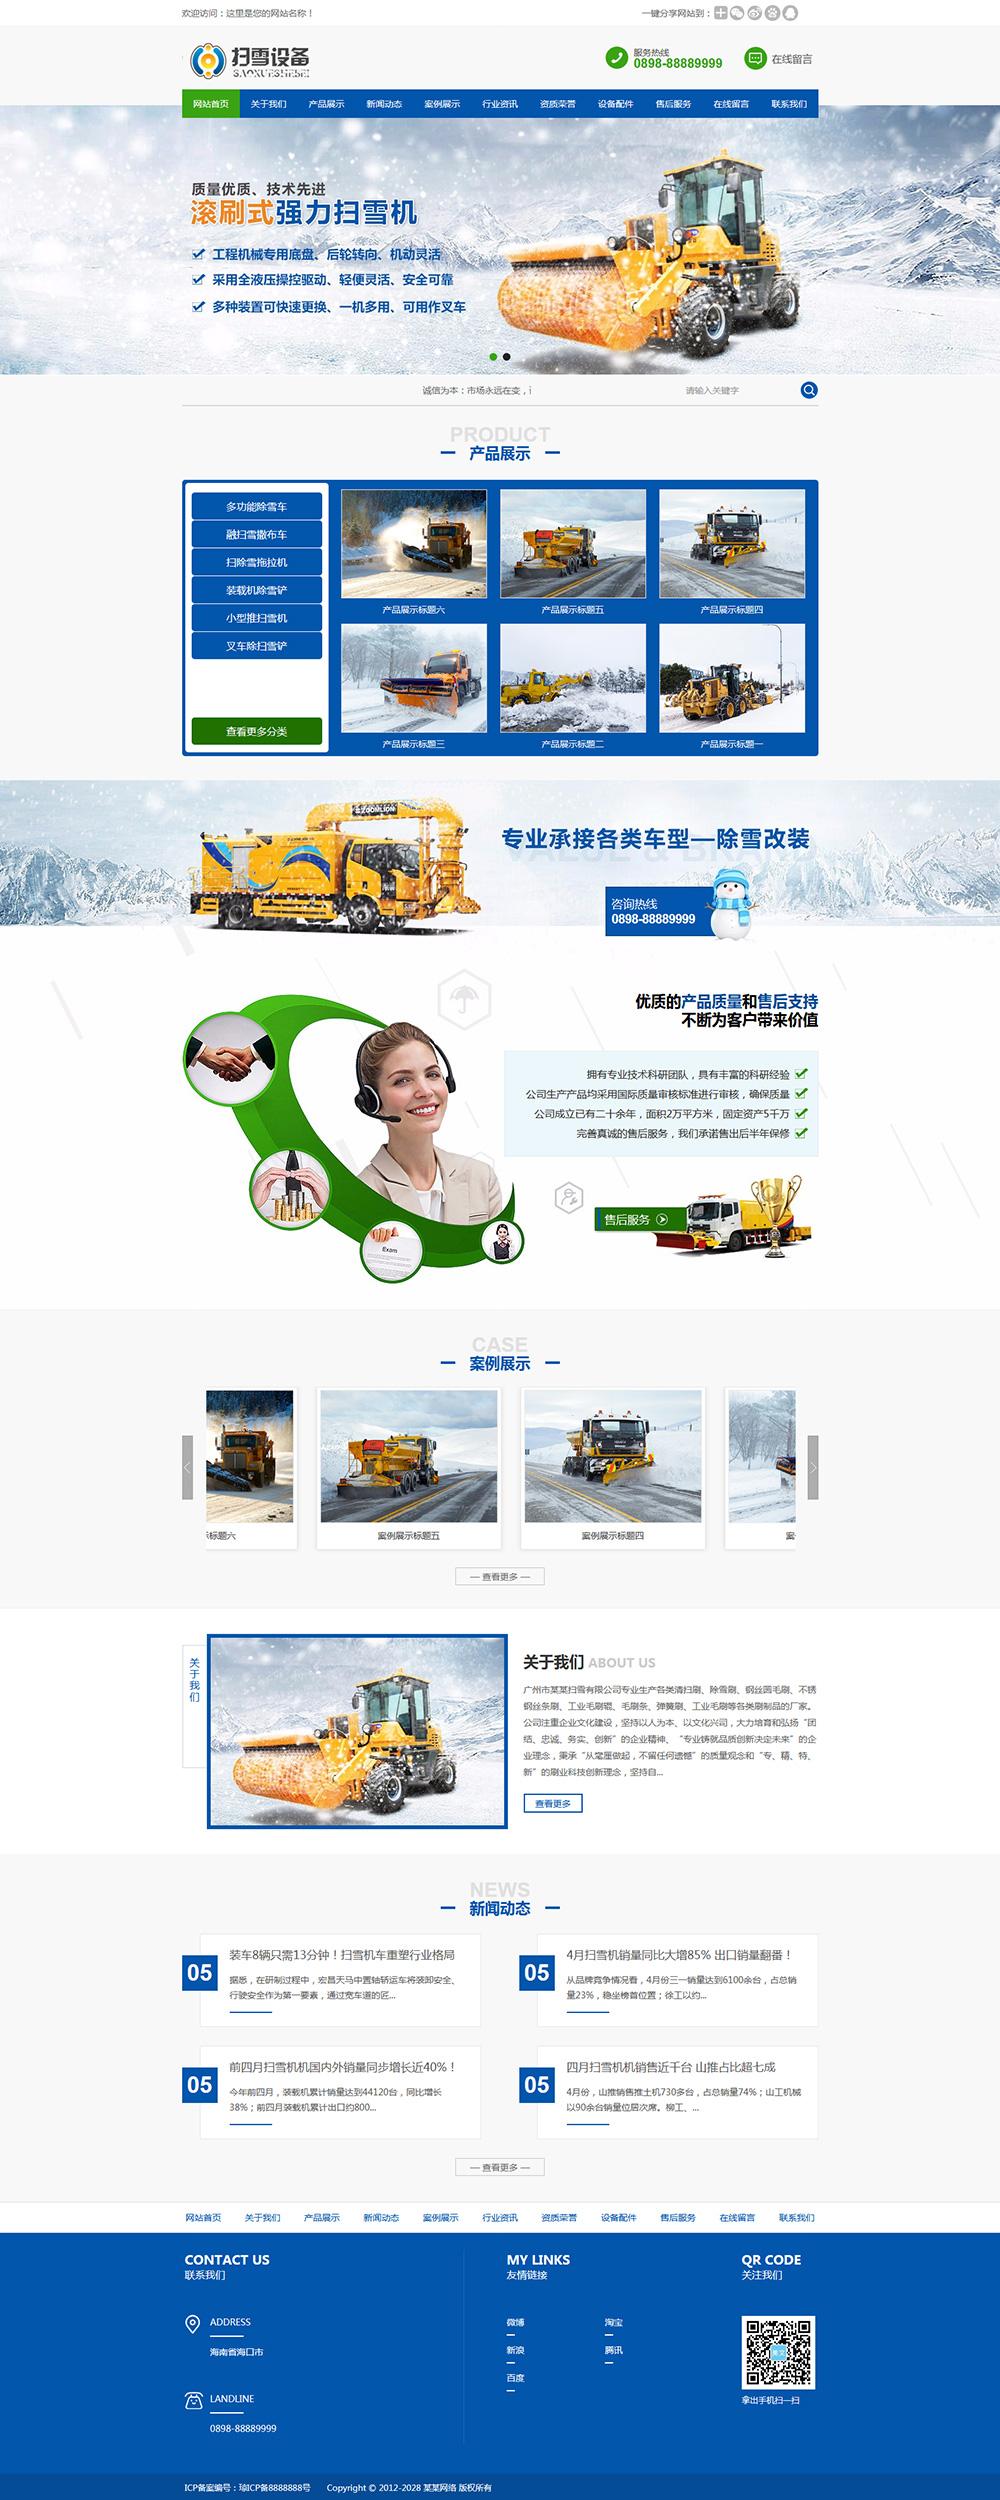 机械扫雪设备类网站模板-570